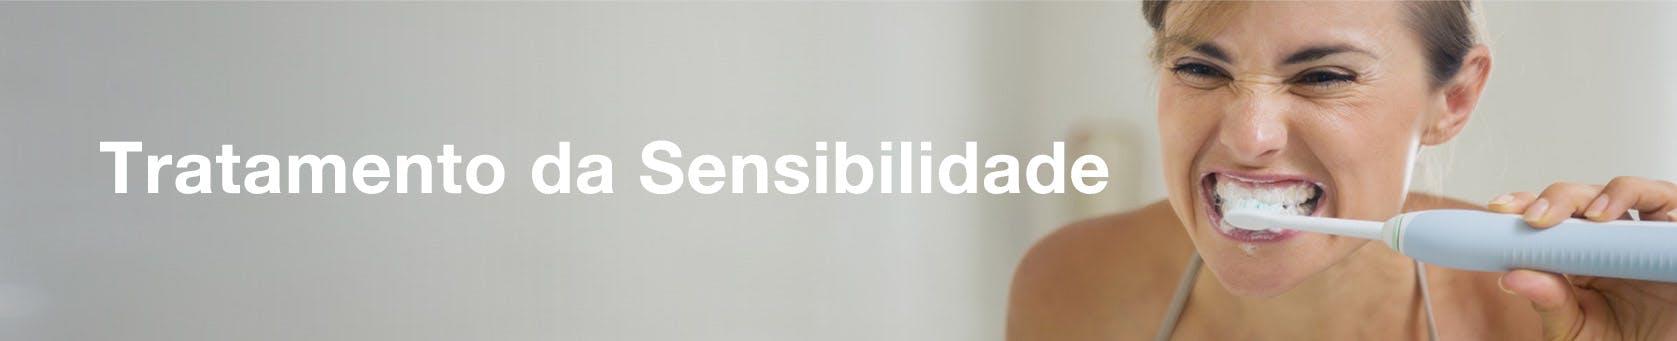 Tratamento da Sensibilidade